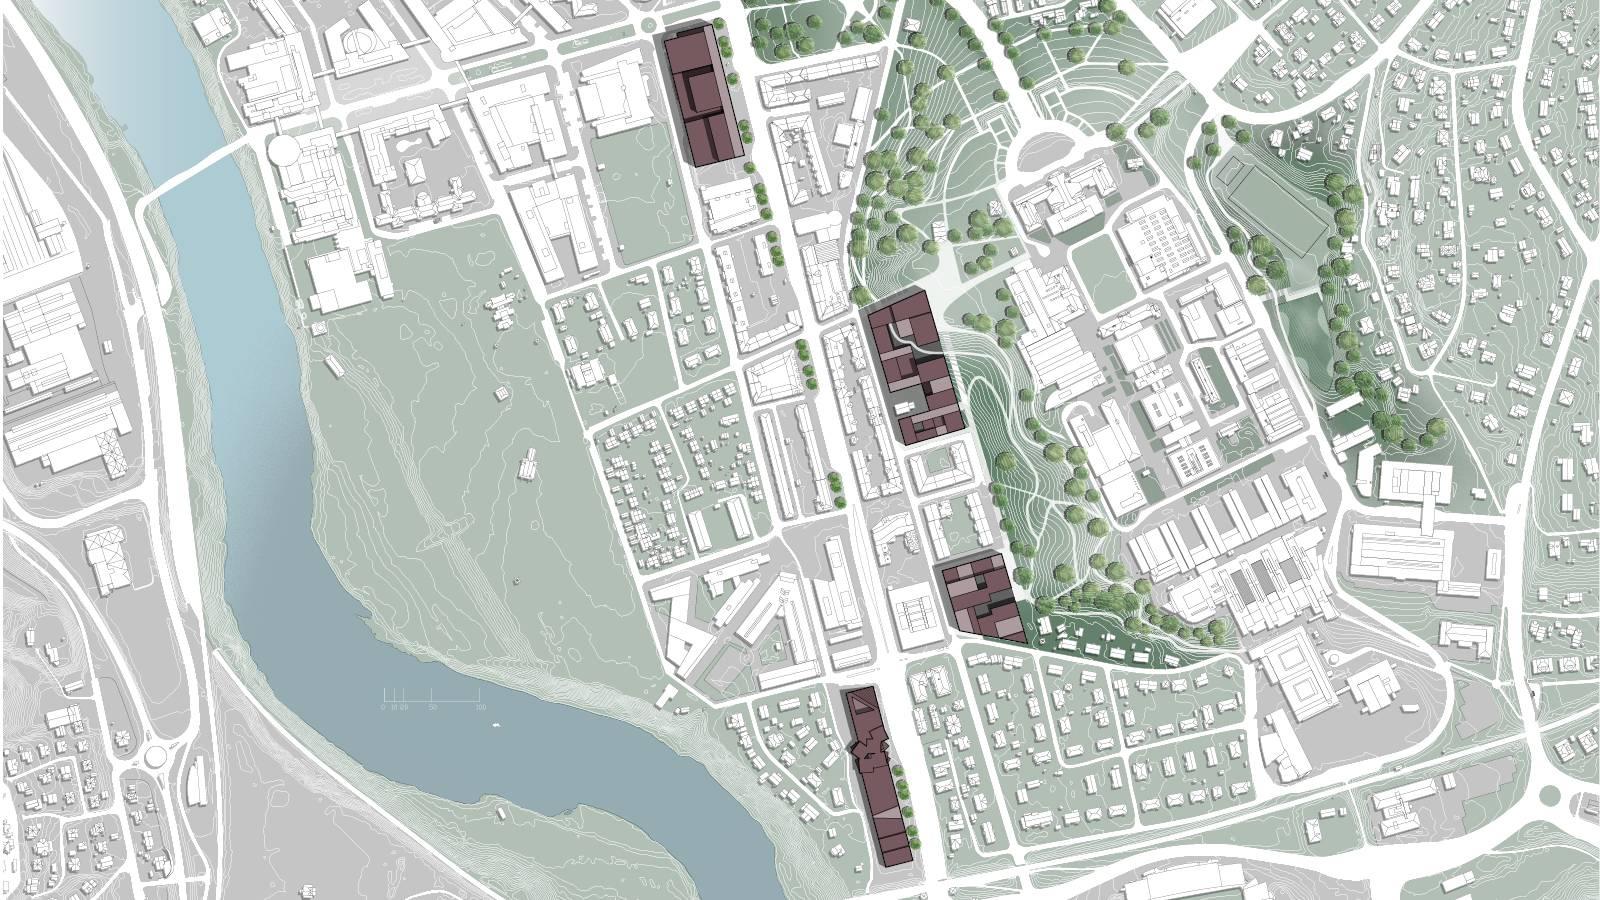 SITE PLAN - NTNU – More Park, More City! - SPOL Architects